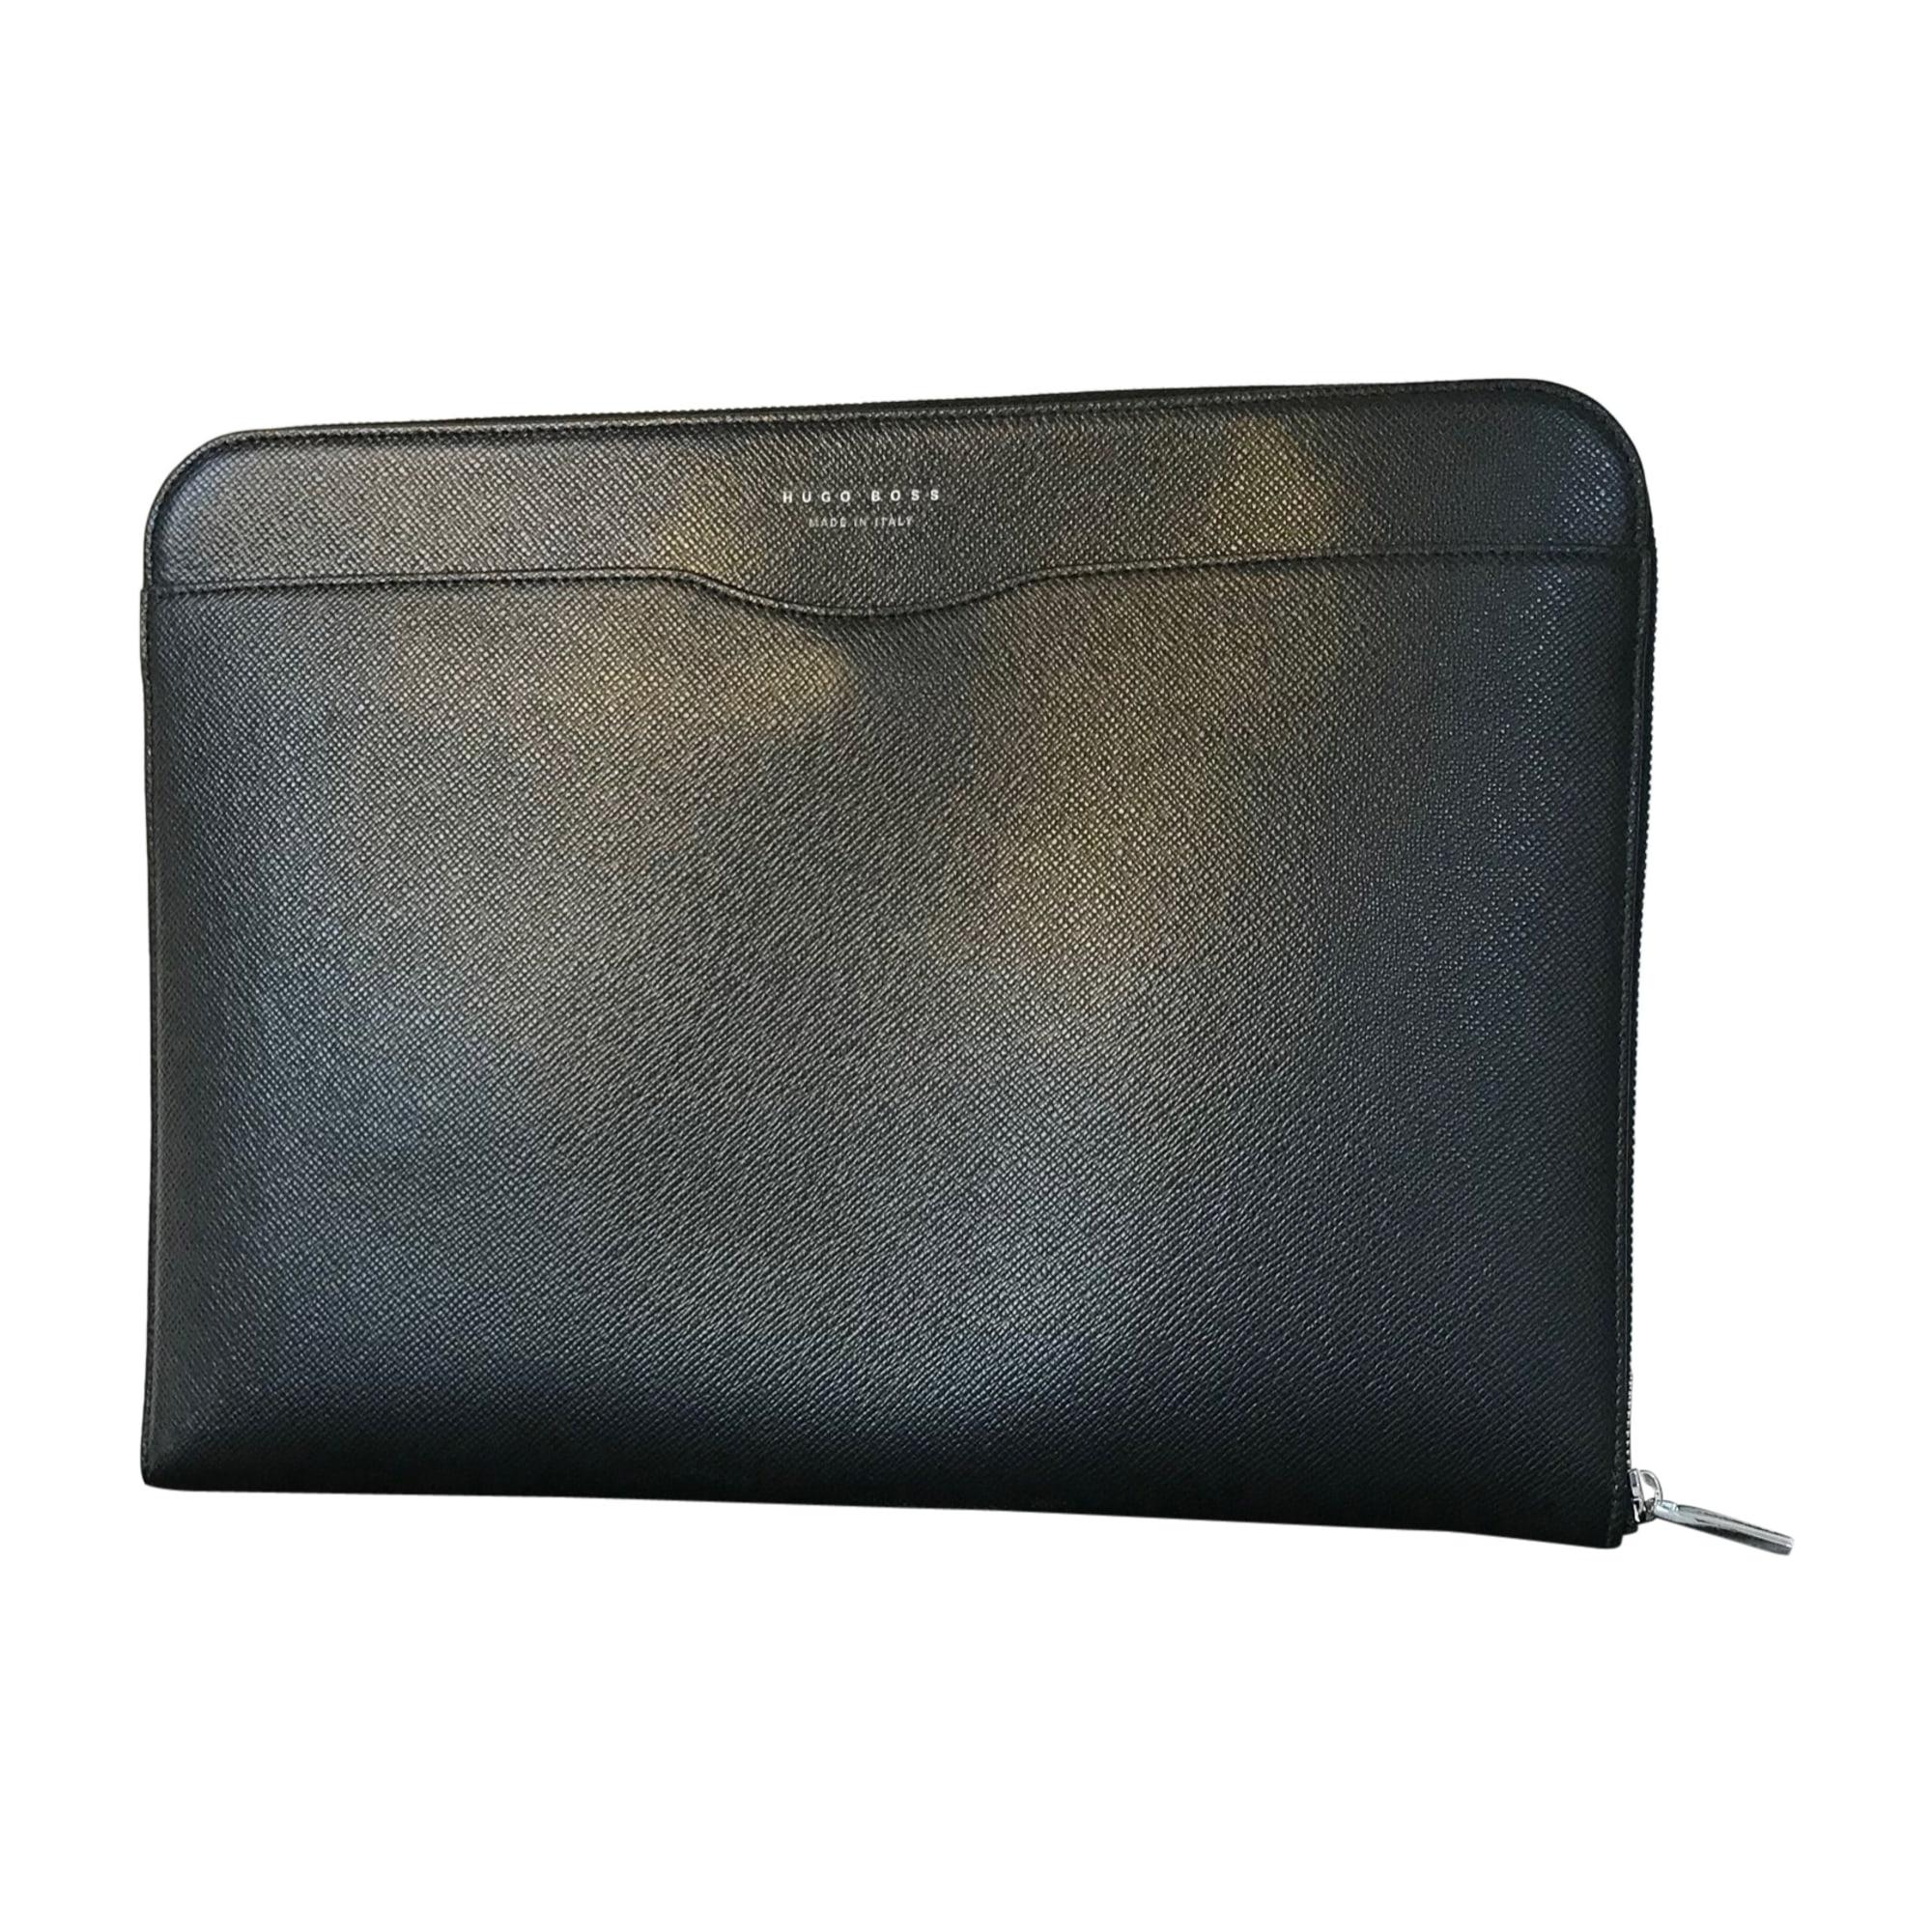 Porte document, serviette HUGO BOSS Noir